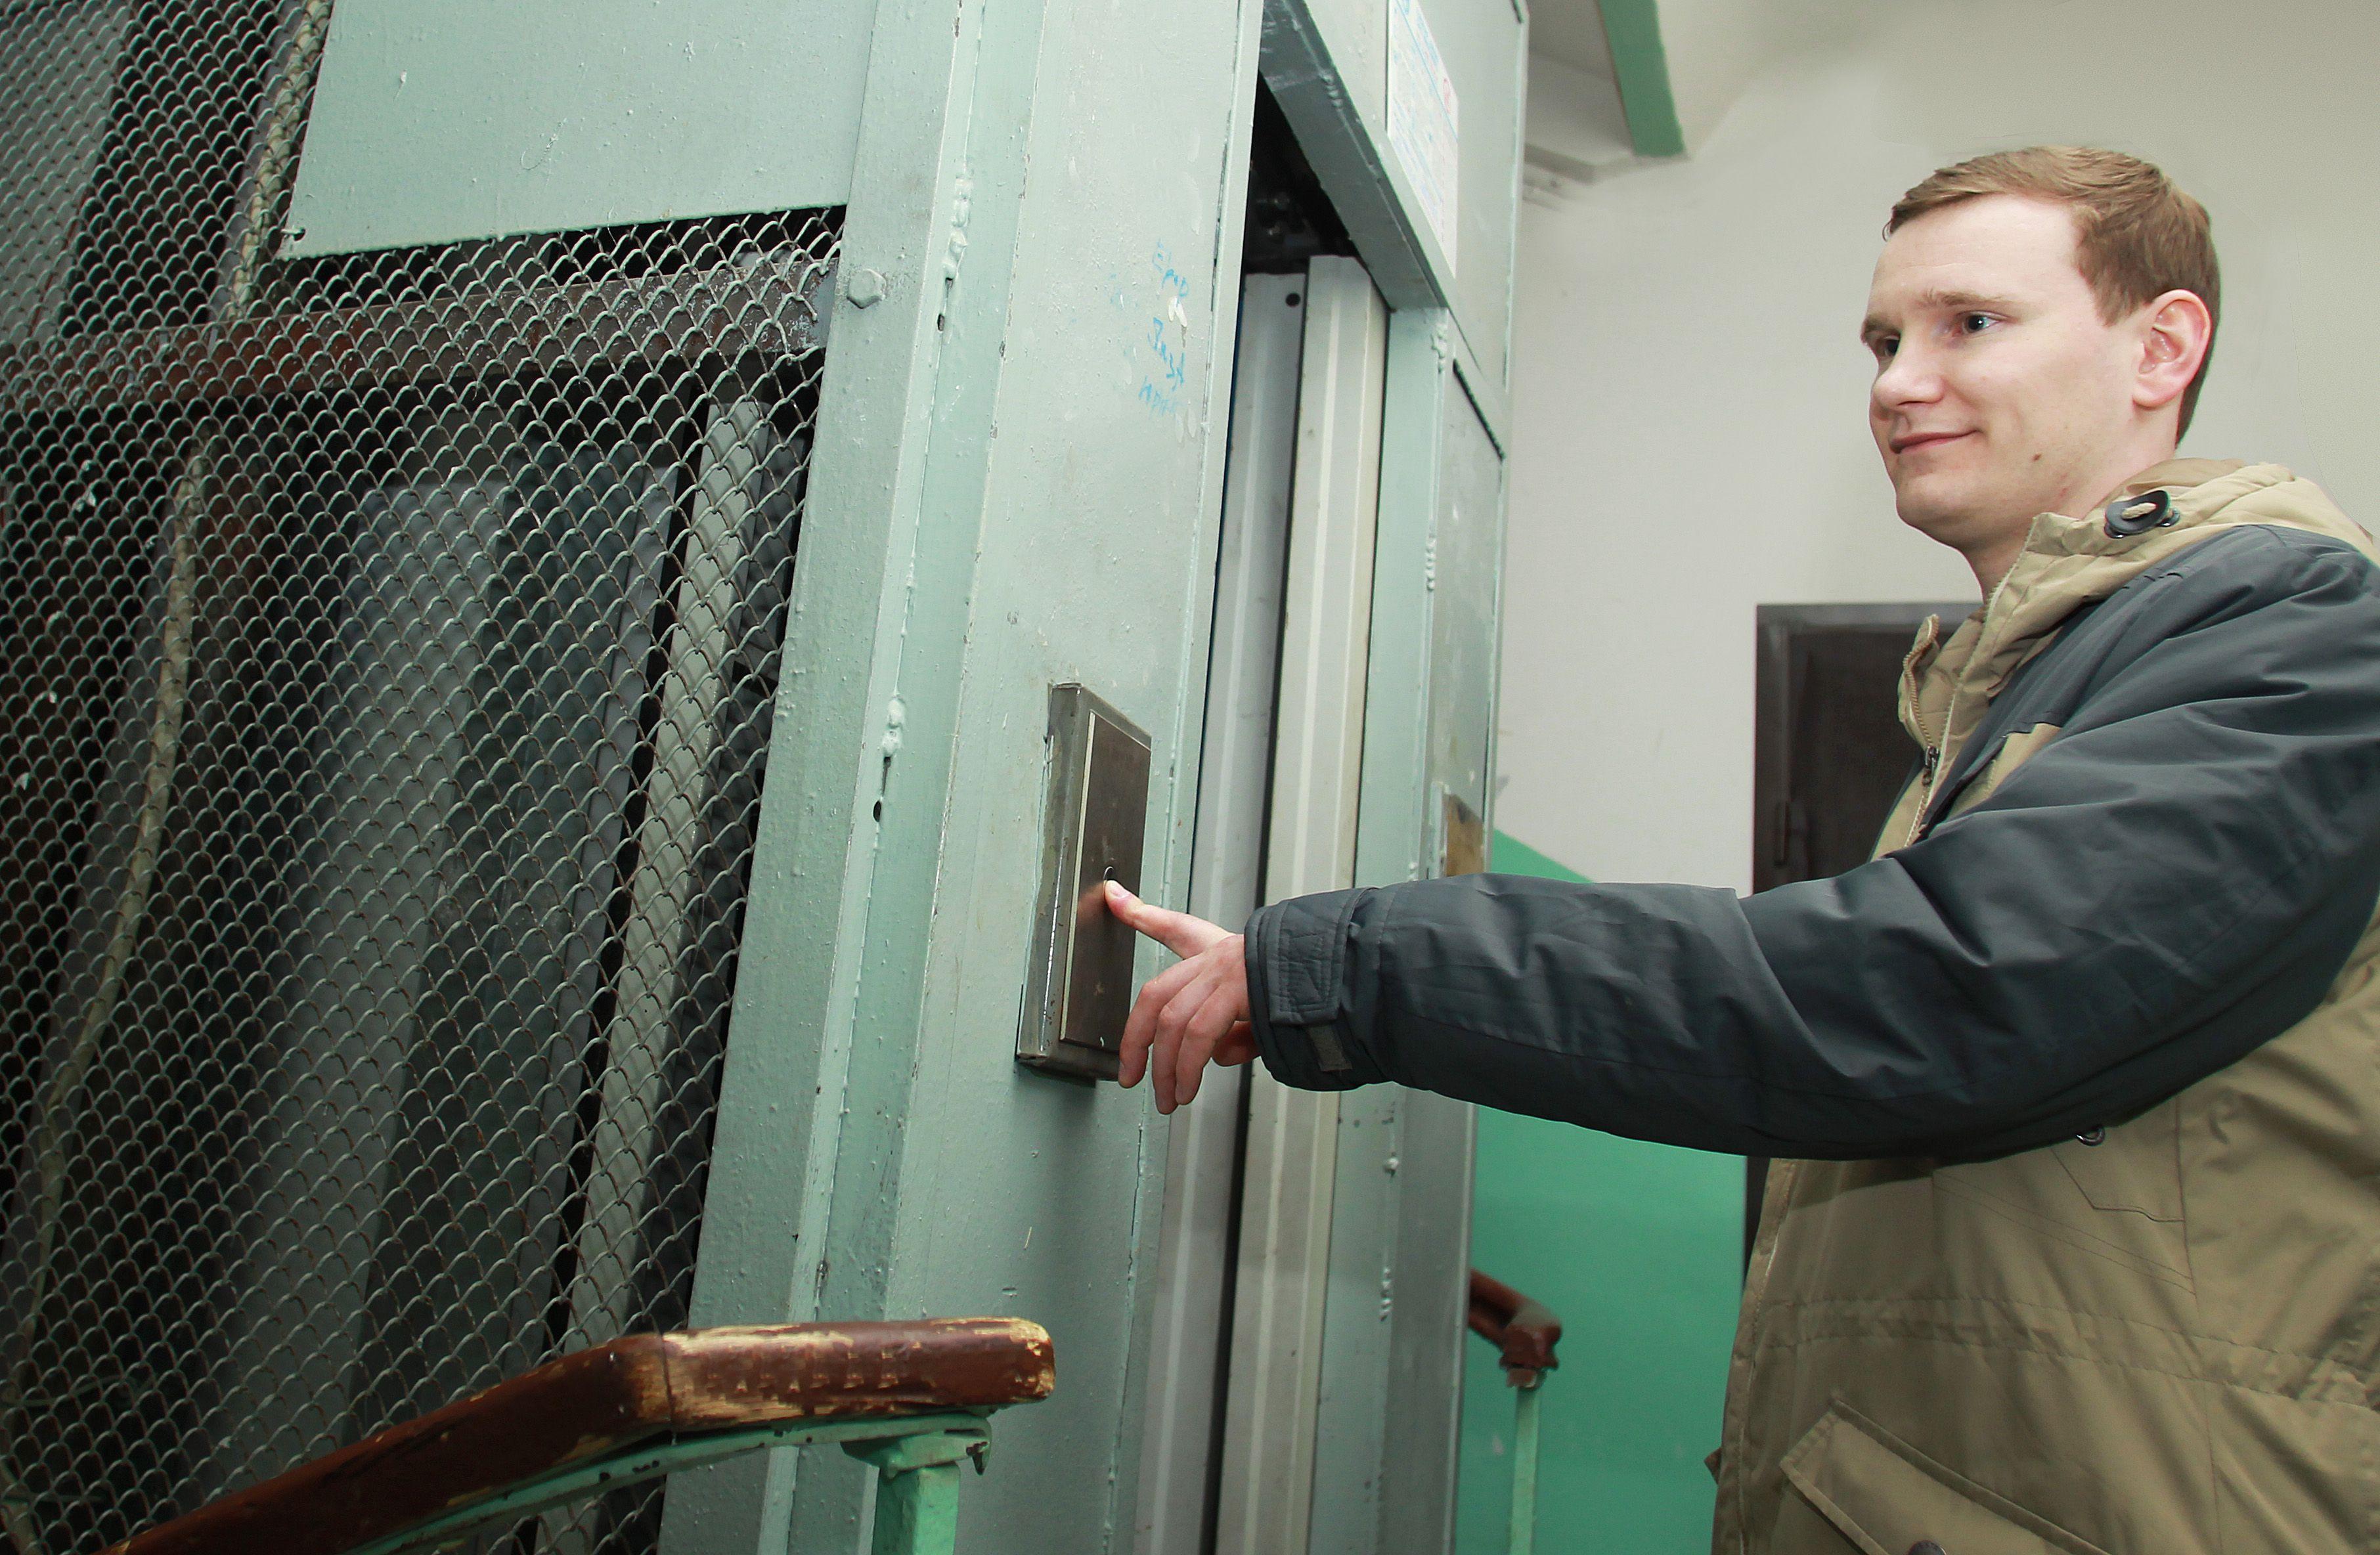 ТОП-10 самых грязных вещей назвали в Москве